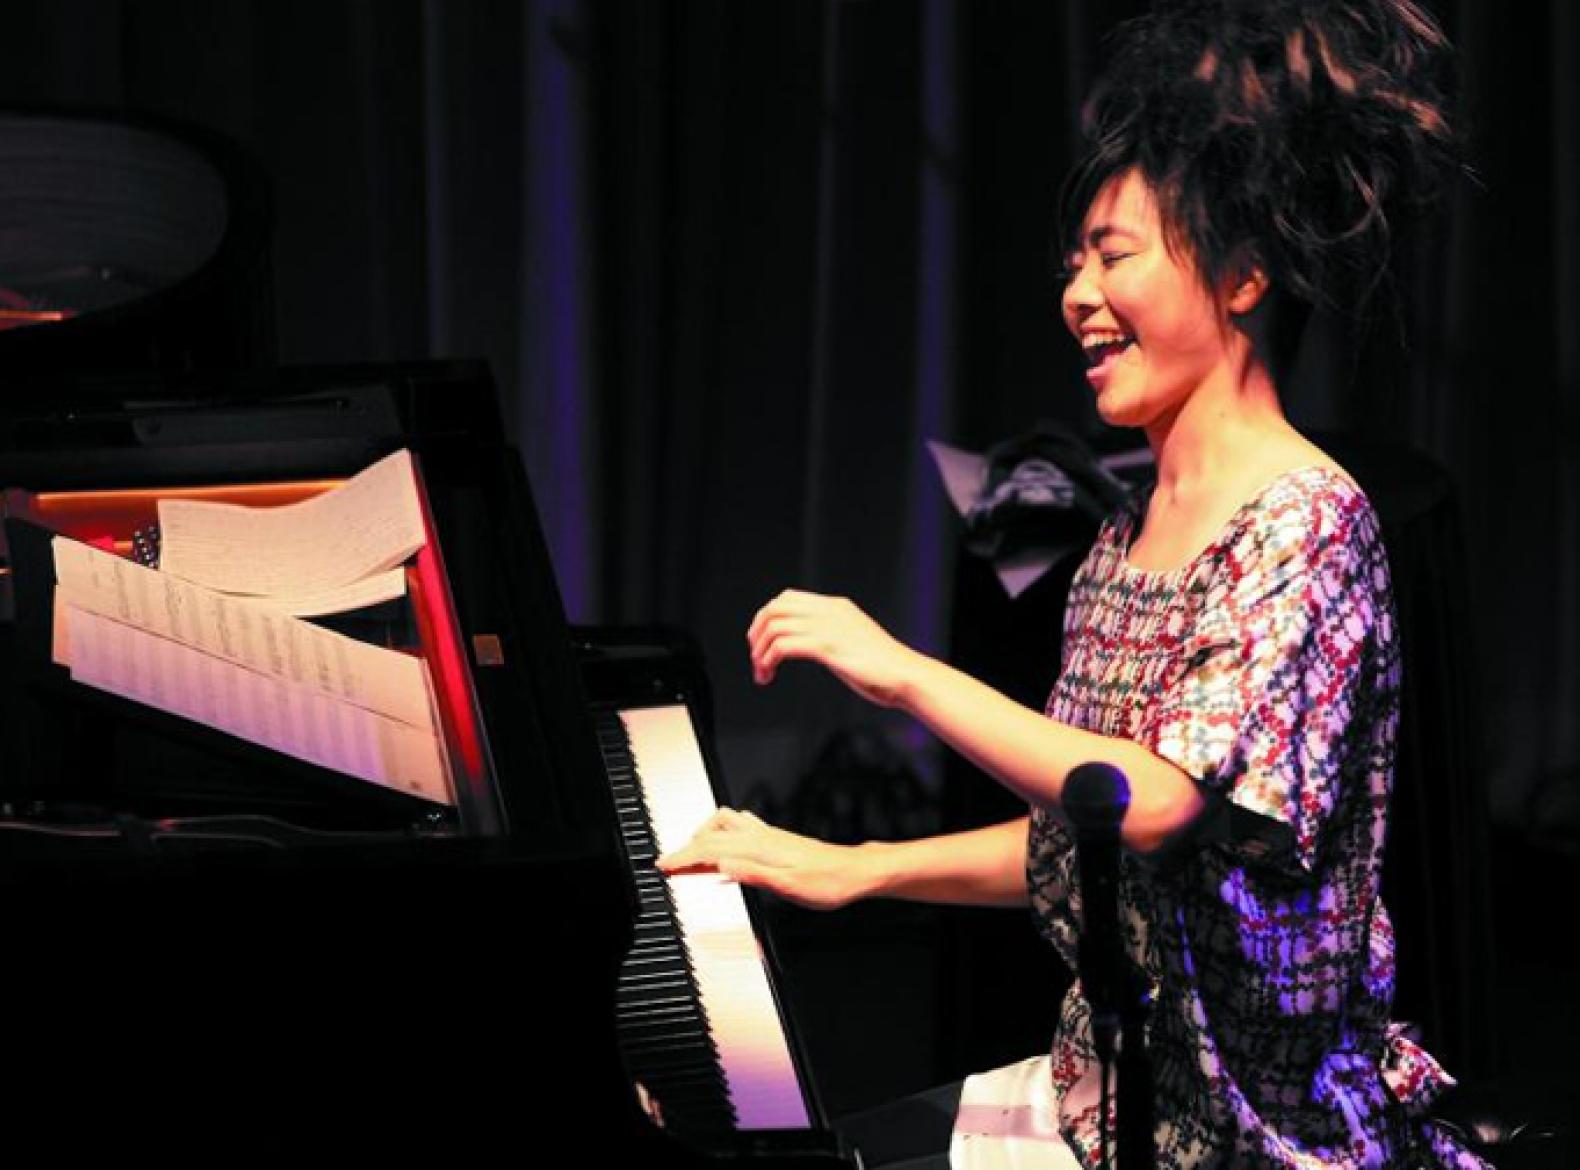 Сексуальная ориентация пианистки хироми уехара